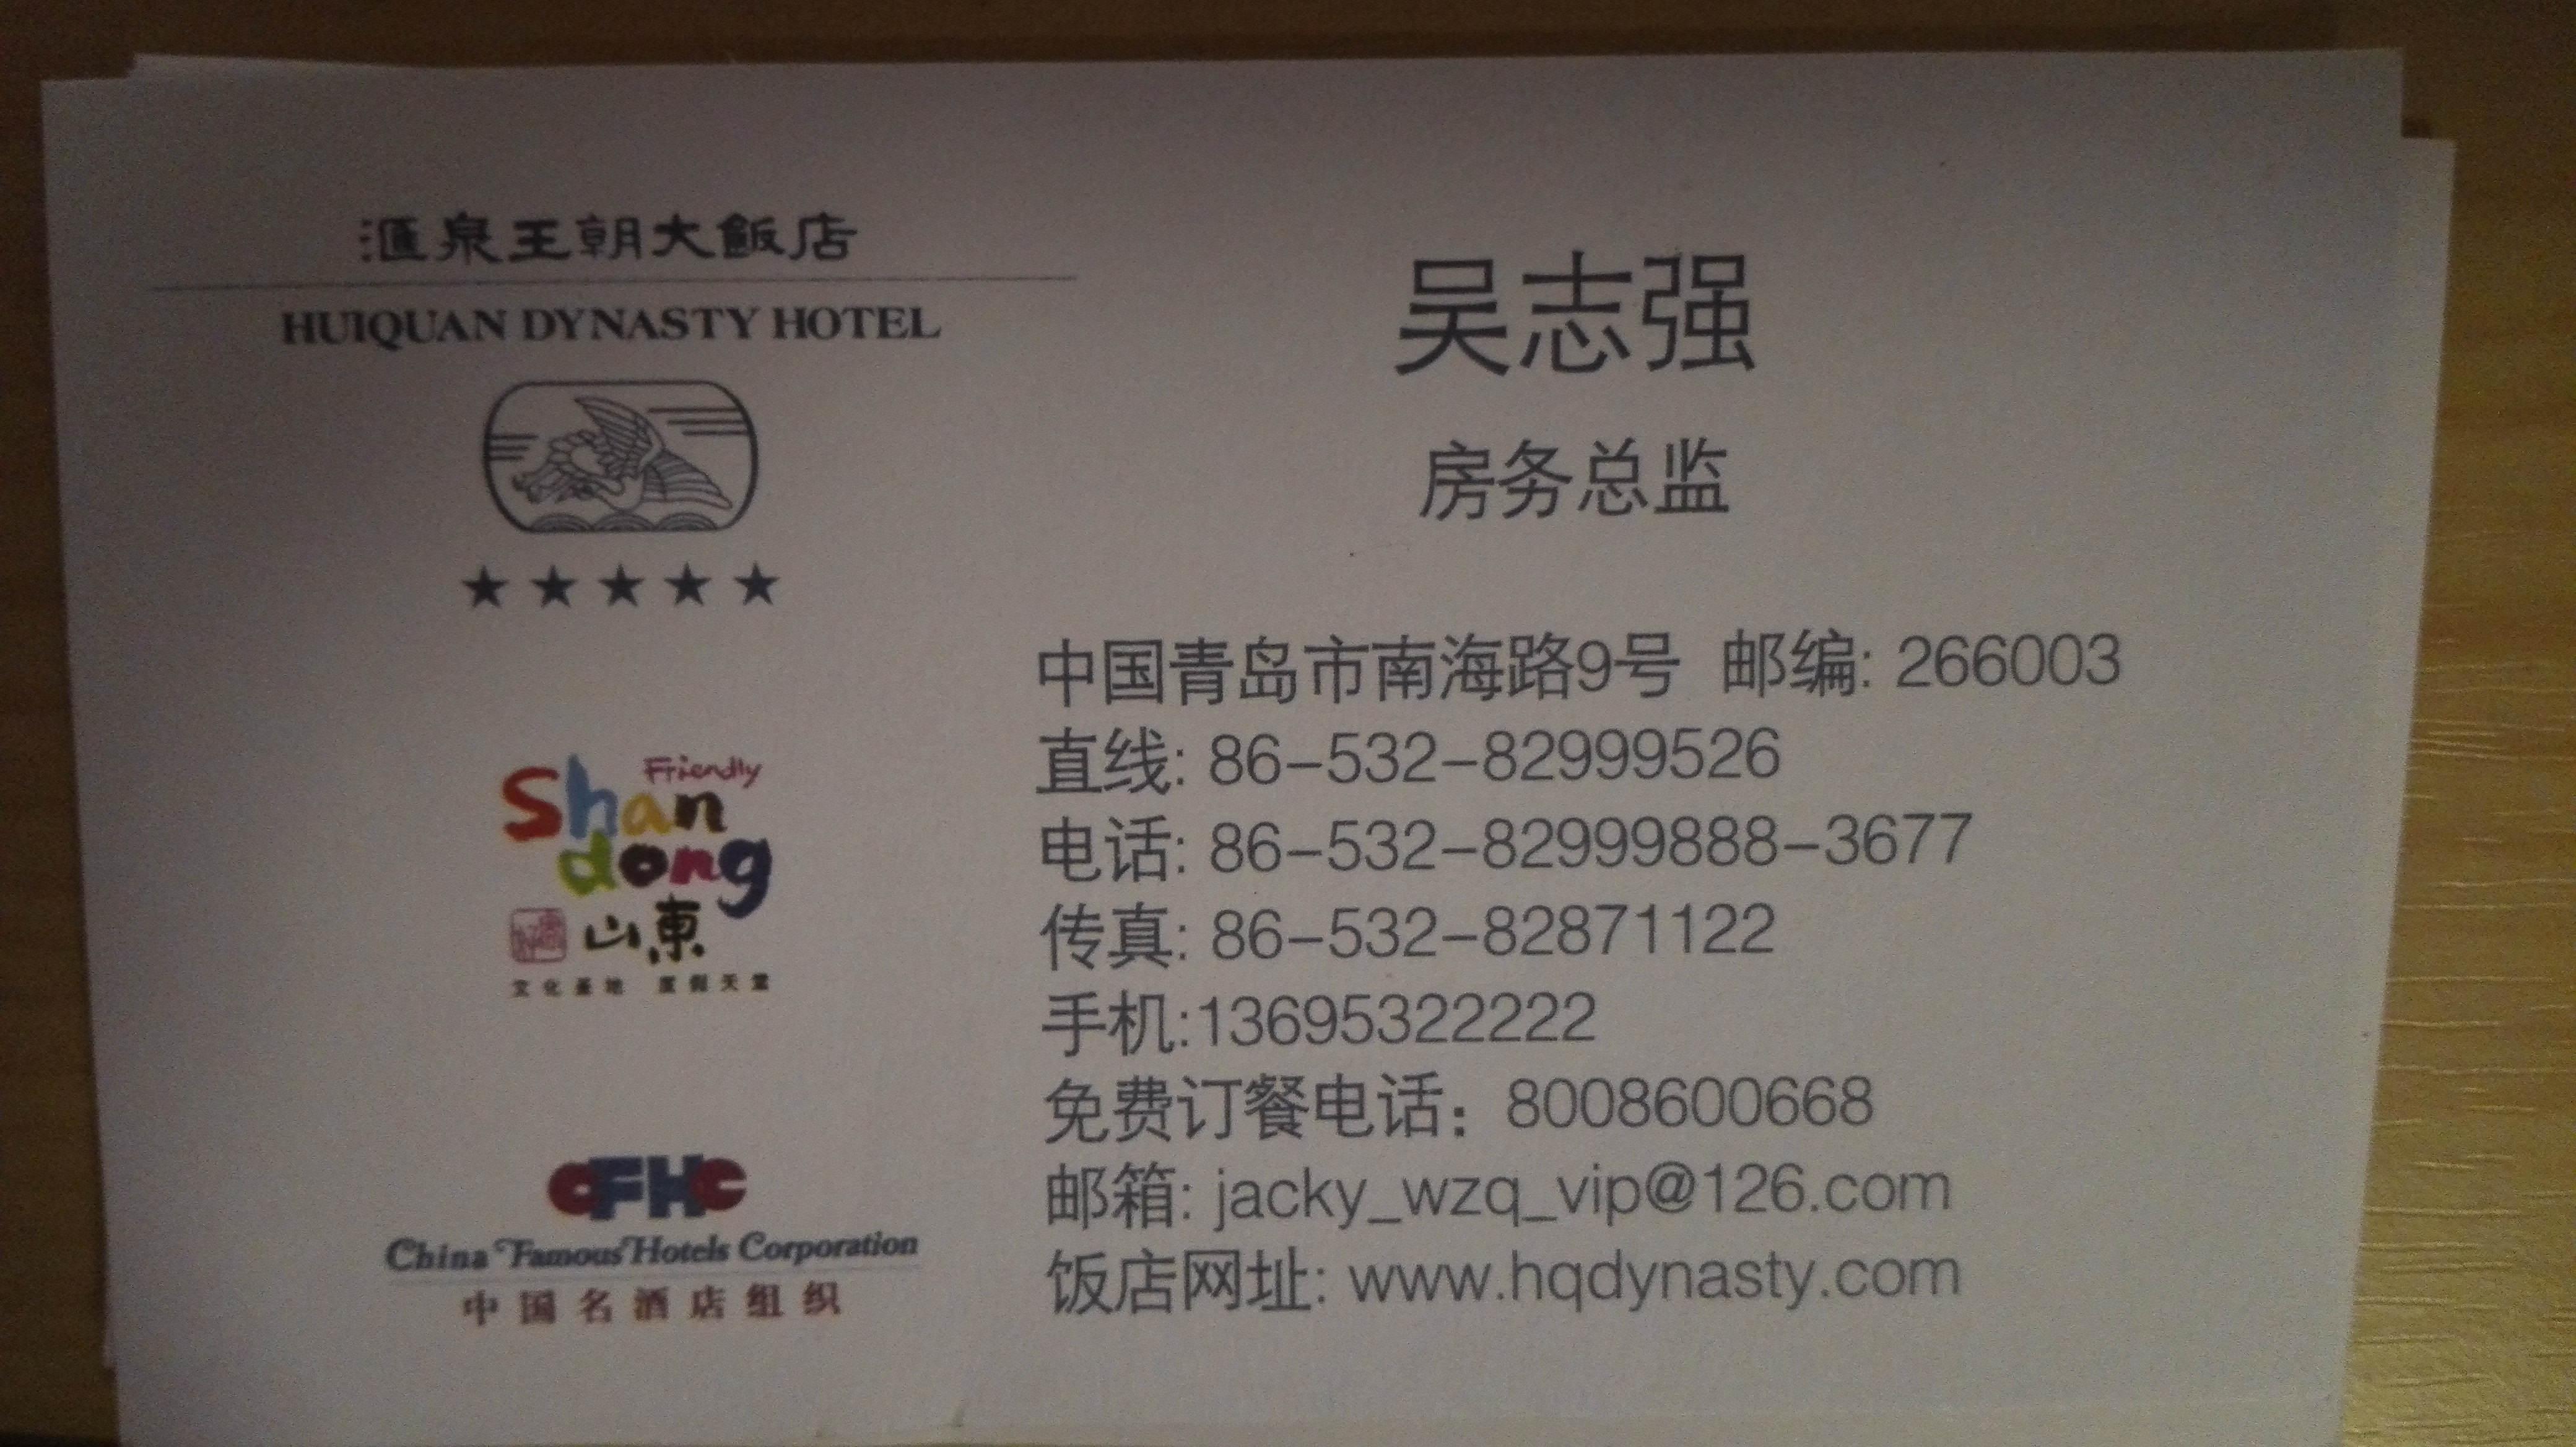 【携程攻略】青岛汇泉王朝大饭店旋转餐厅适合家庭去